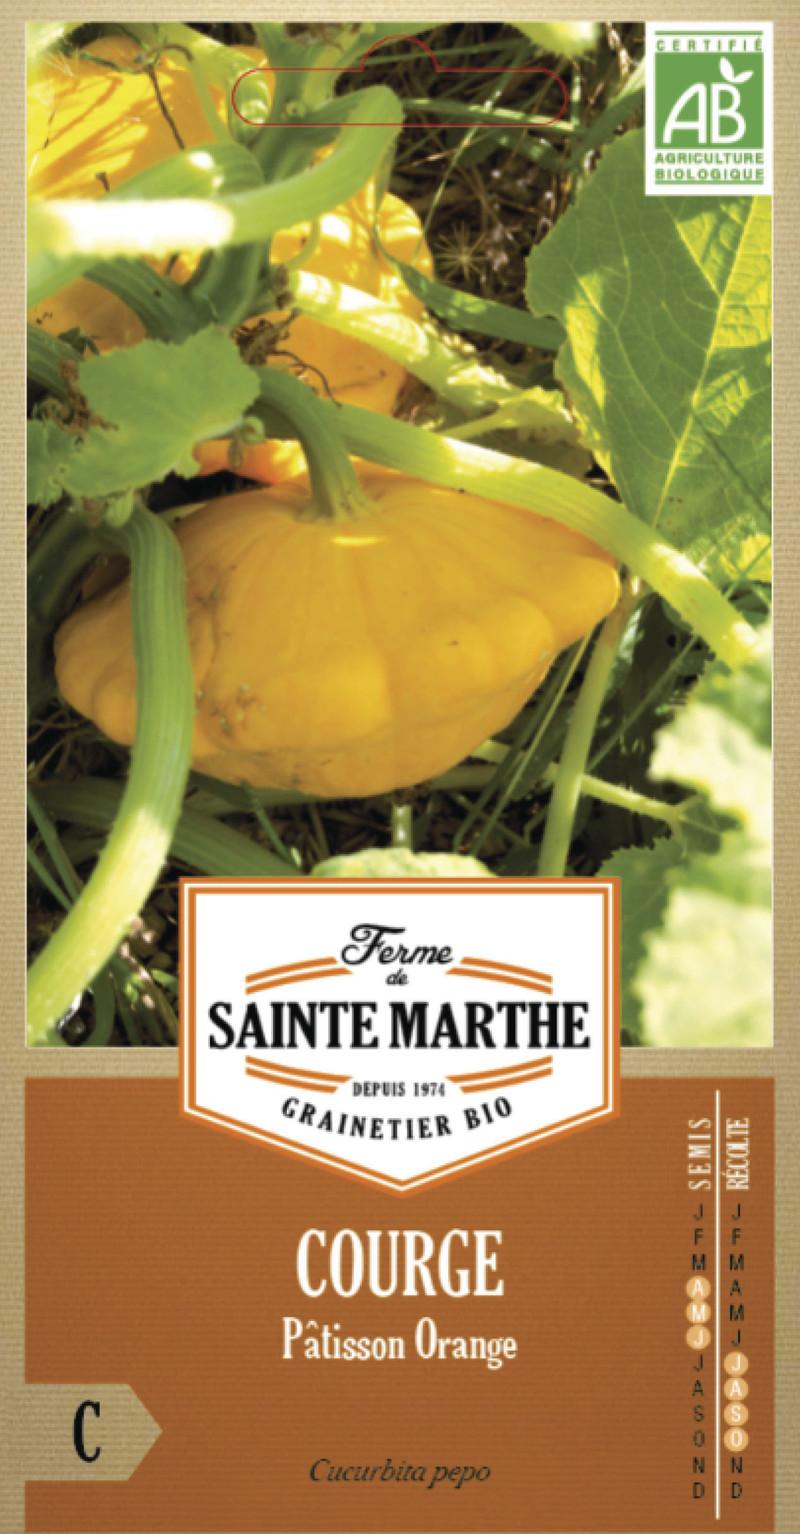 courge patisson orange bio ferme de sainte marthe graine semence potager sachet semis - Voir en grand